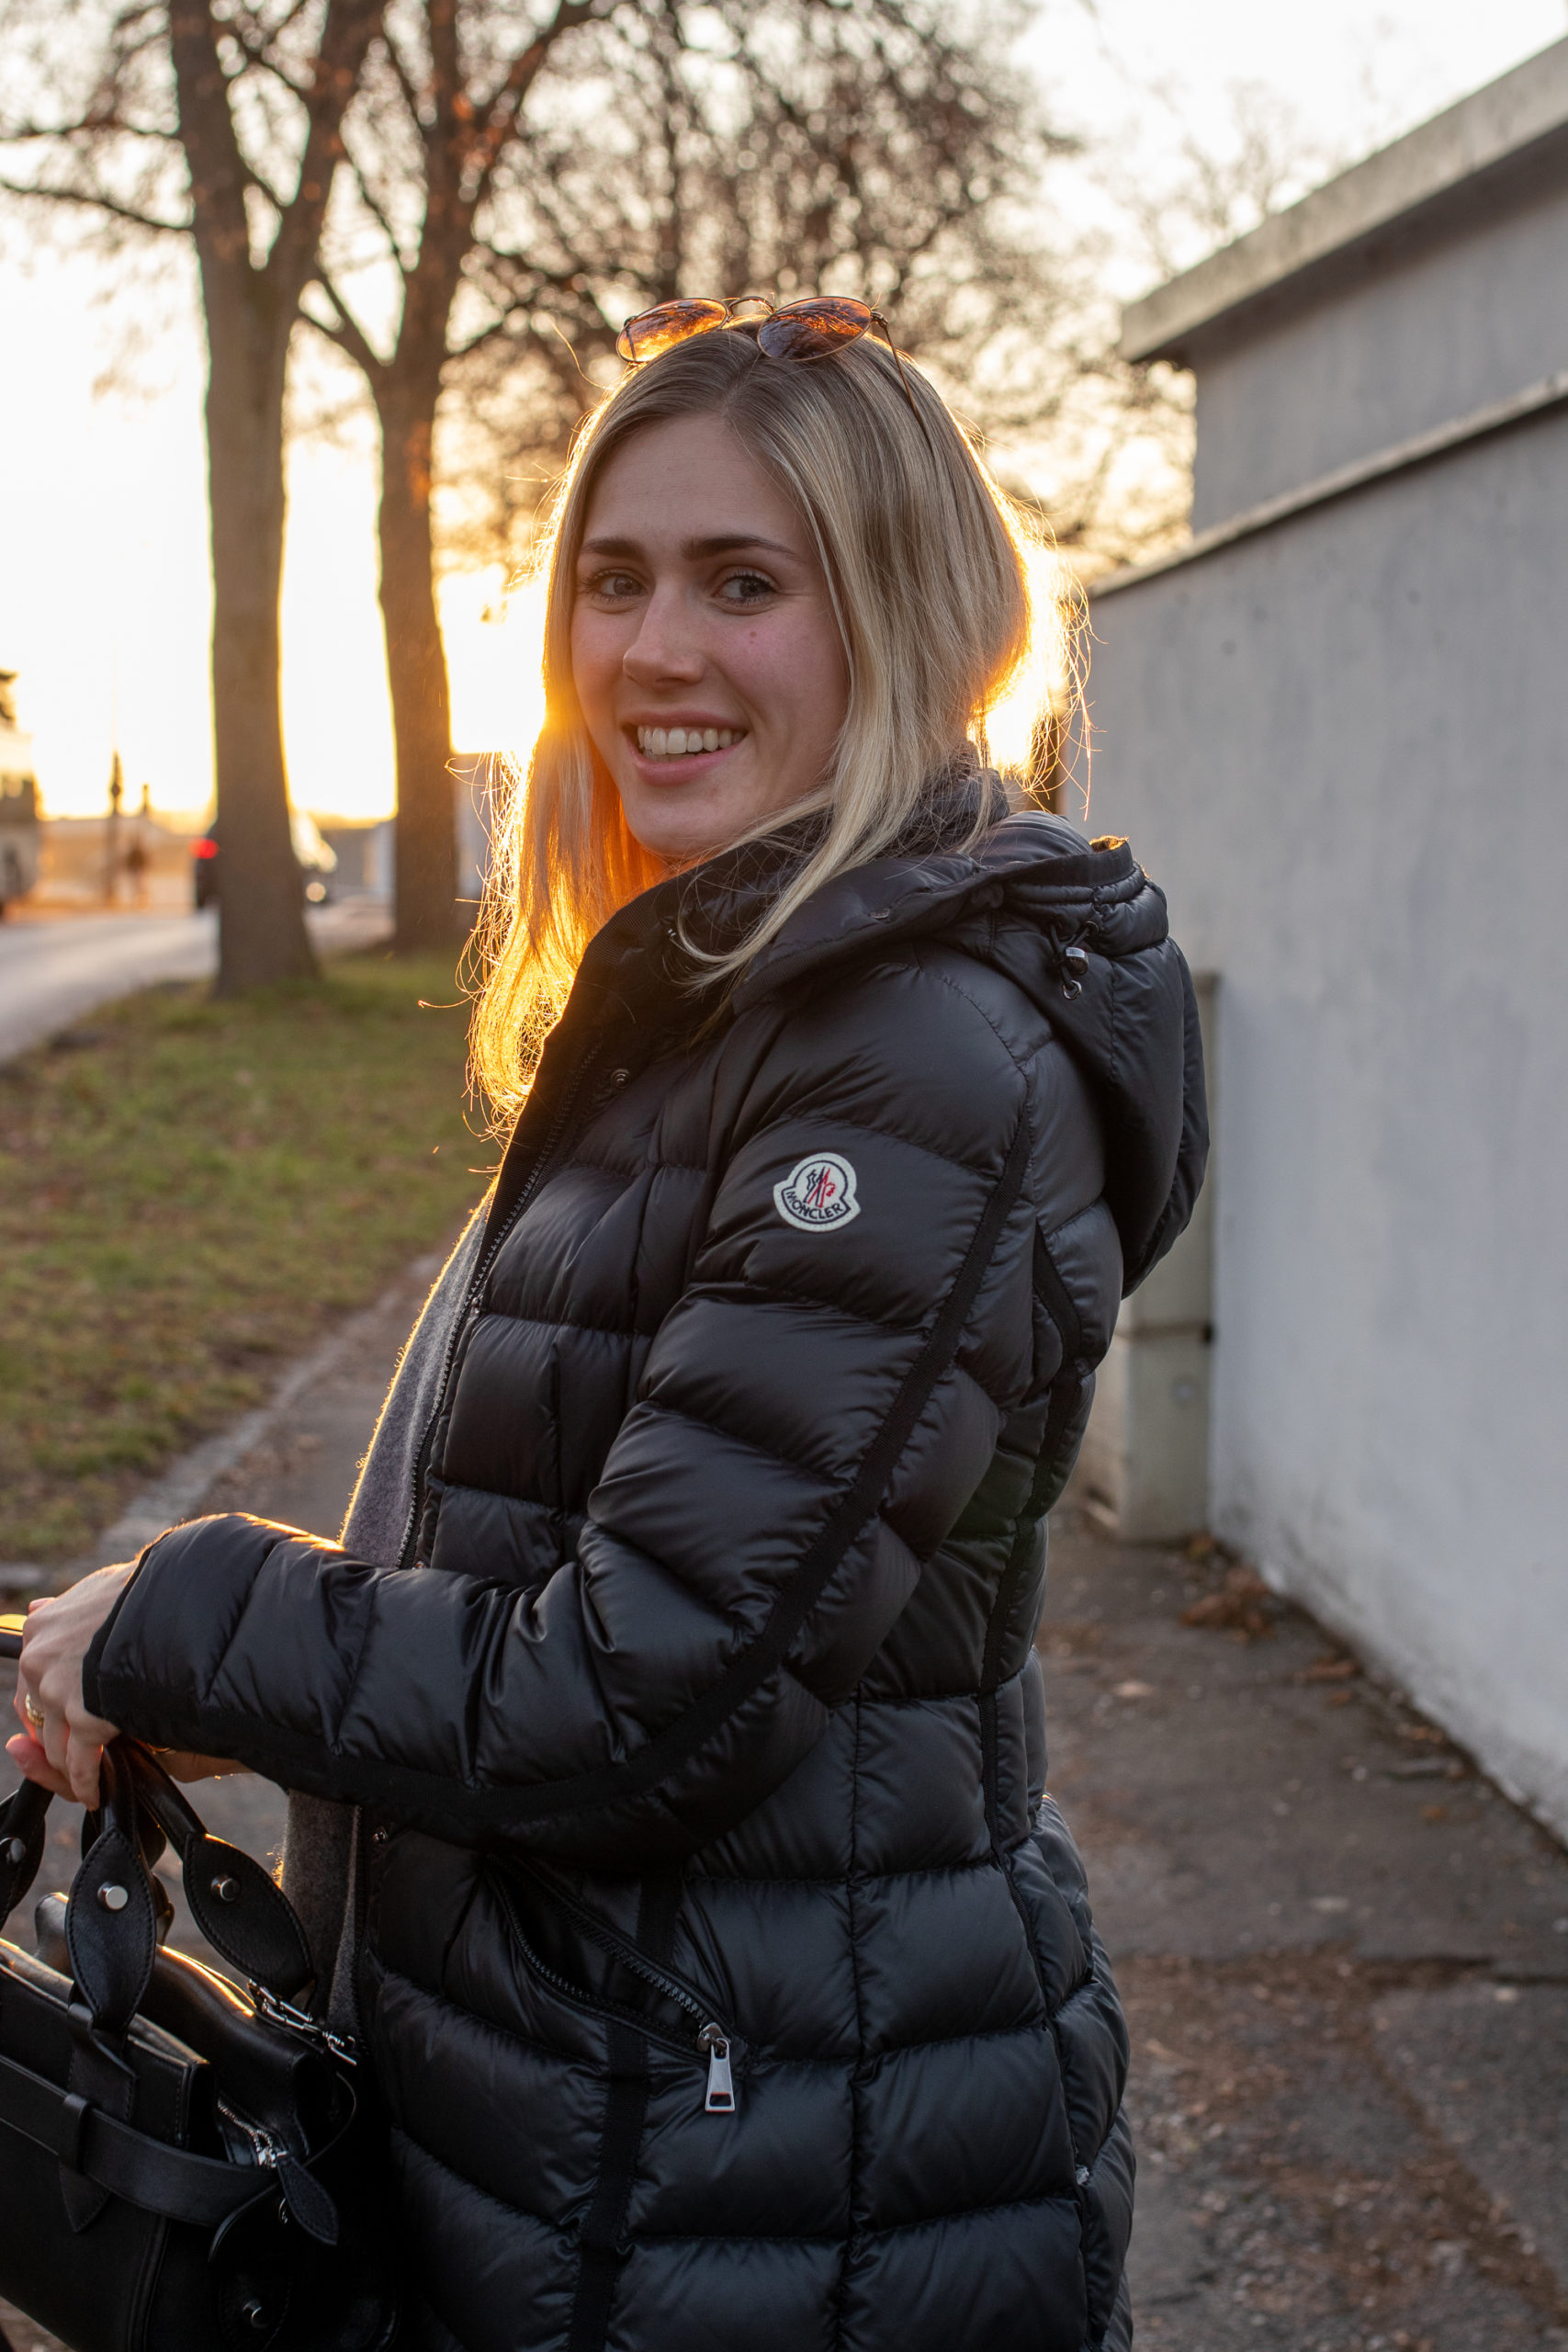 Outfit: Daunenmantel Hermine von Moncler auf dem österreichischen Lifestyle Blog Bits and Bobs by Eva. Mehr auf www.bitsandbobsbyeva.com